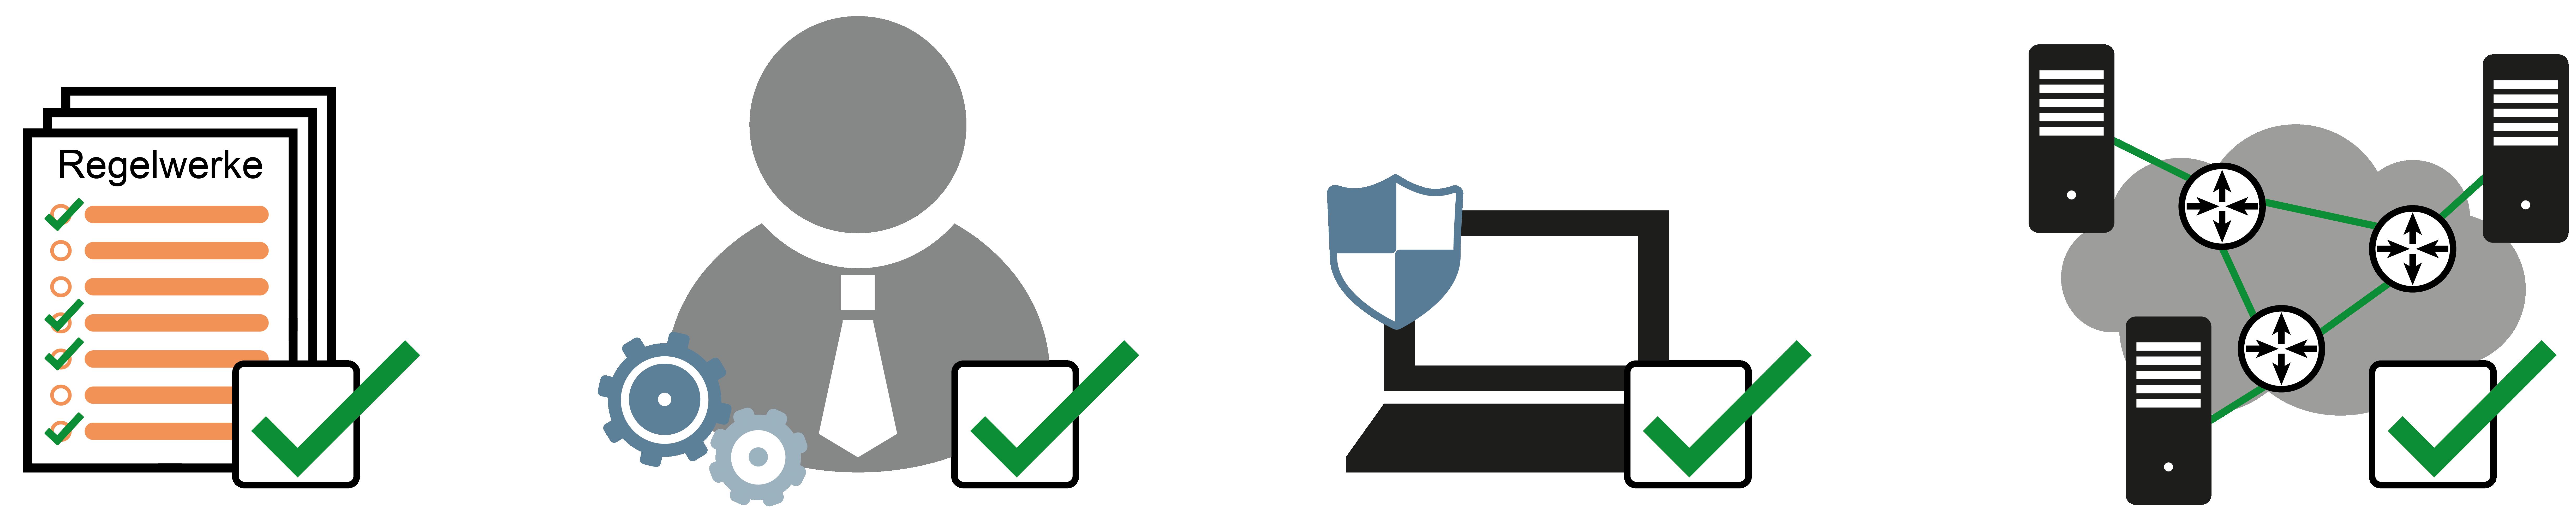 """Symbol für """"Cyber-Sicherheitsmaßnahme"""" – Glossar Cyber-Sicherheit – Prof. Norbert Pohlmann"""